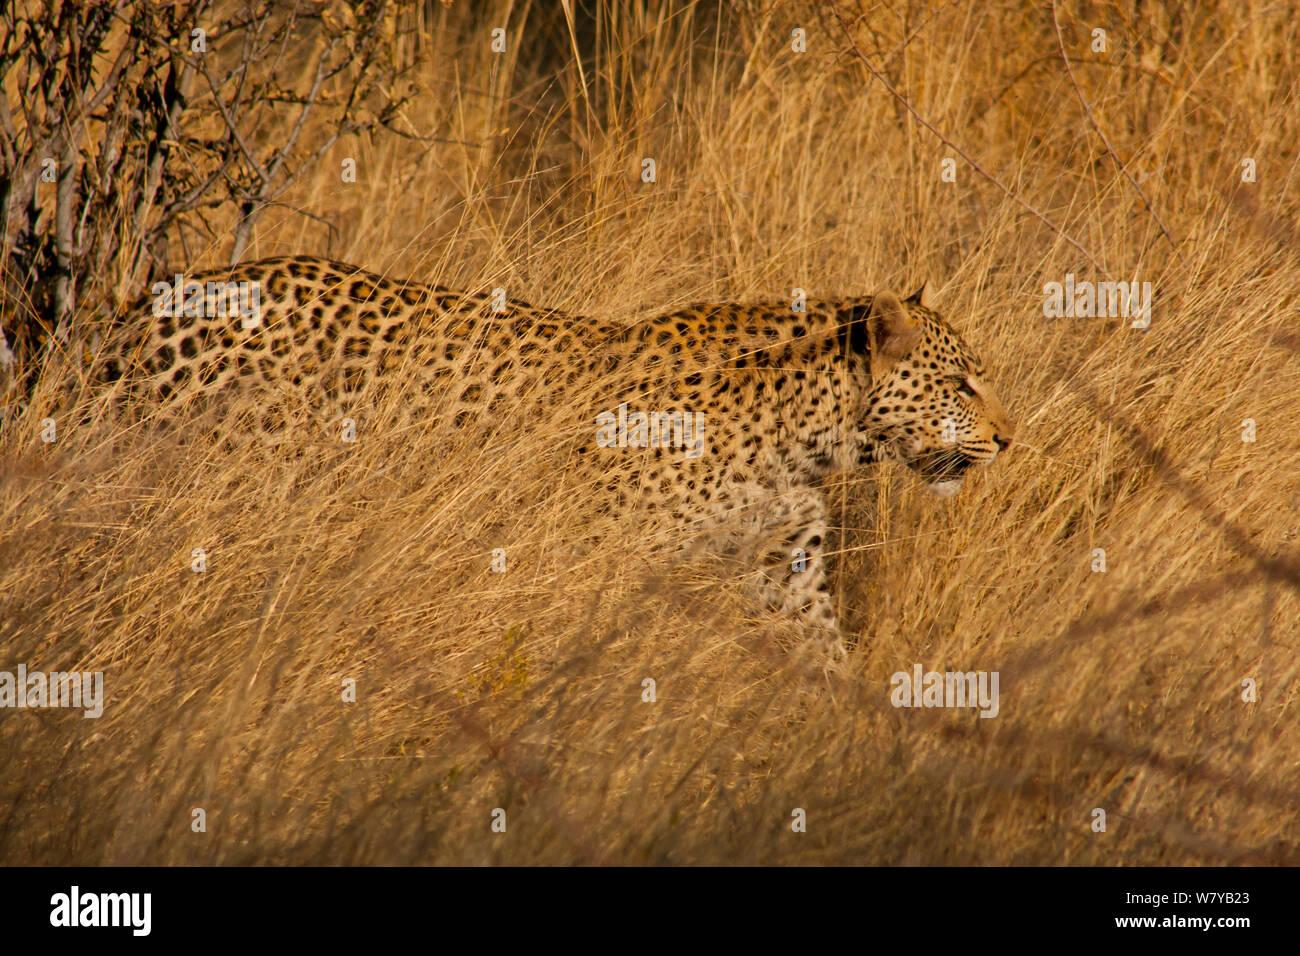 Leopard (Panthera pardus) zu Fuß durch die Trockenrasen, erindi Game Reserve, Namibia Stockfoto